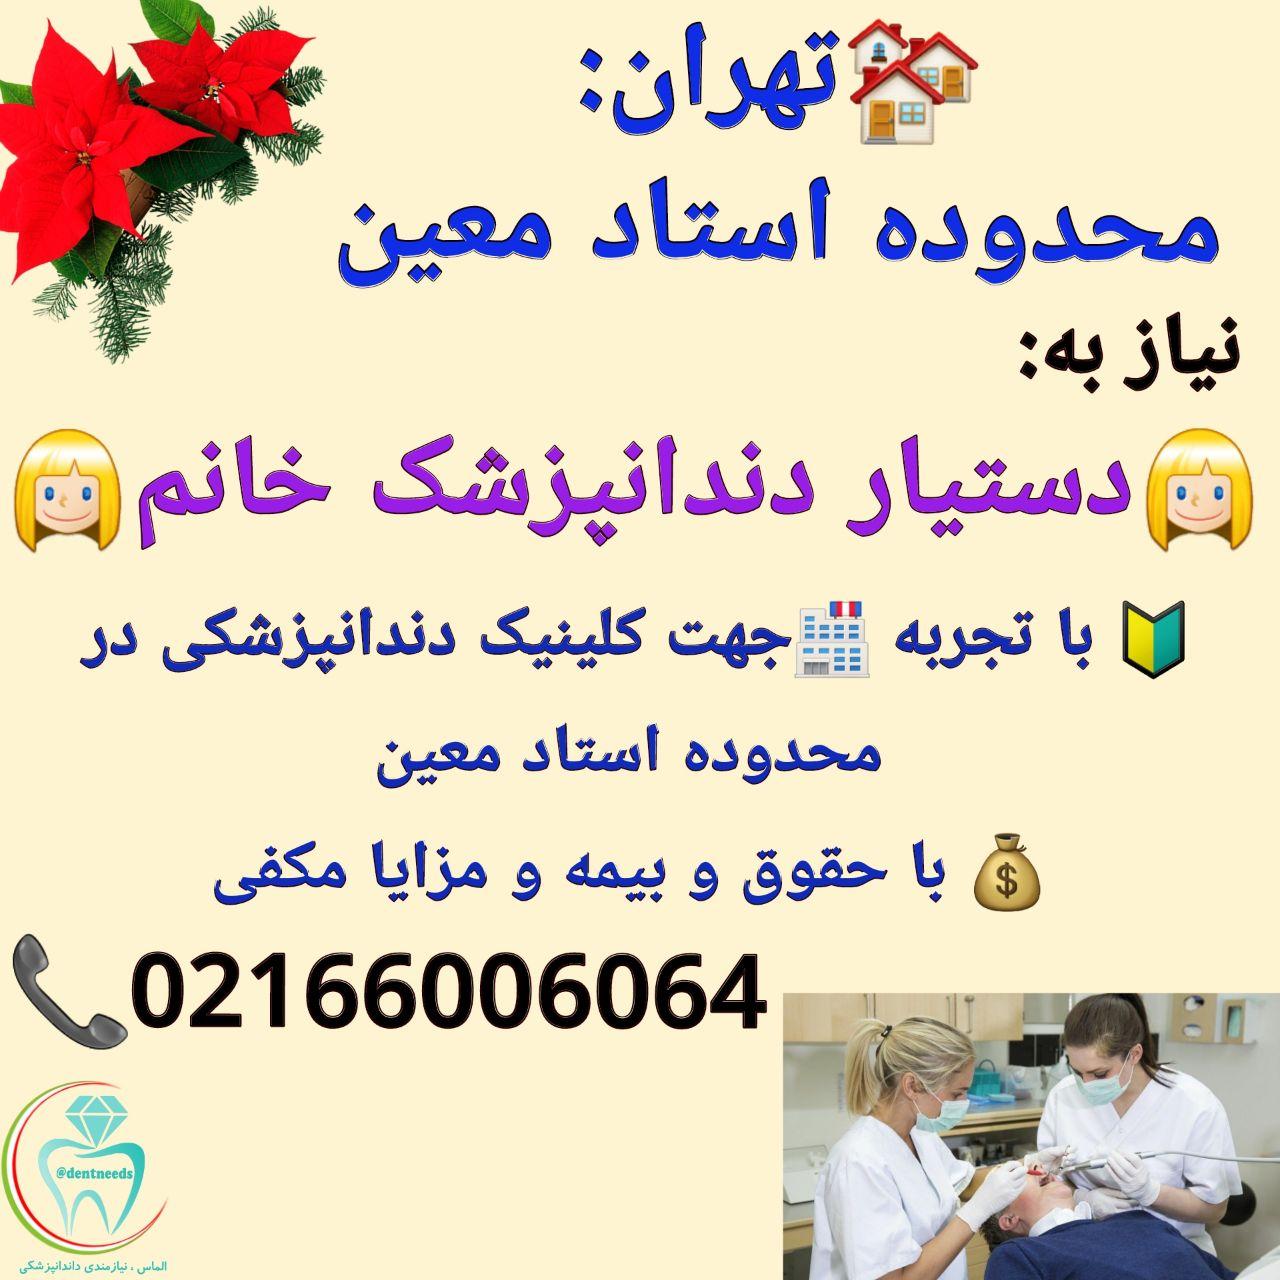 تهران: محدوده استاد معین، نیاز به دستیار دندانپزشک